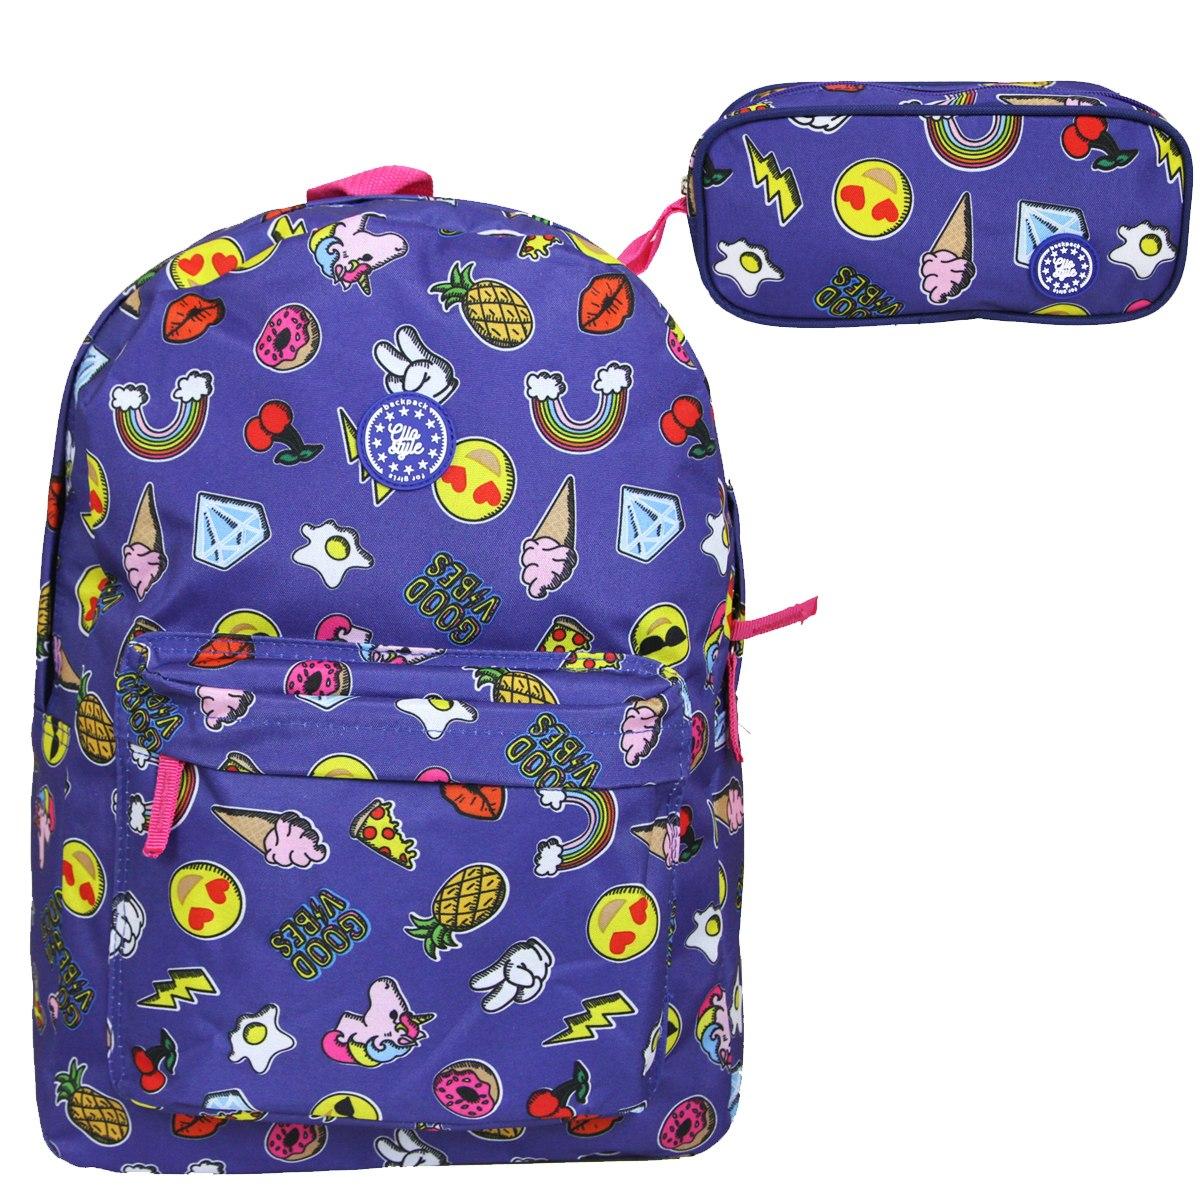 cbdd505e2 kit escolar juvenil emoji whatsapp mochila estojo duplo. Carregando zoom.